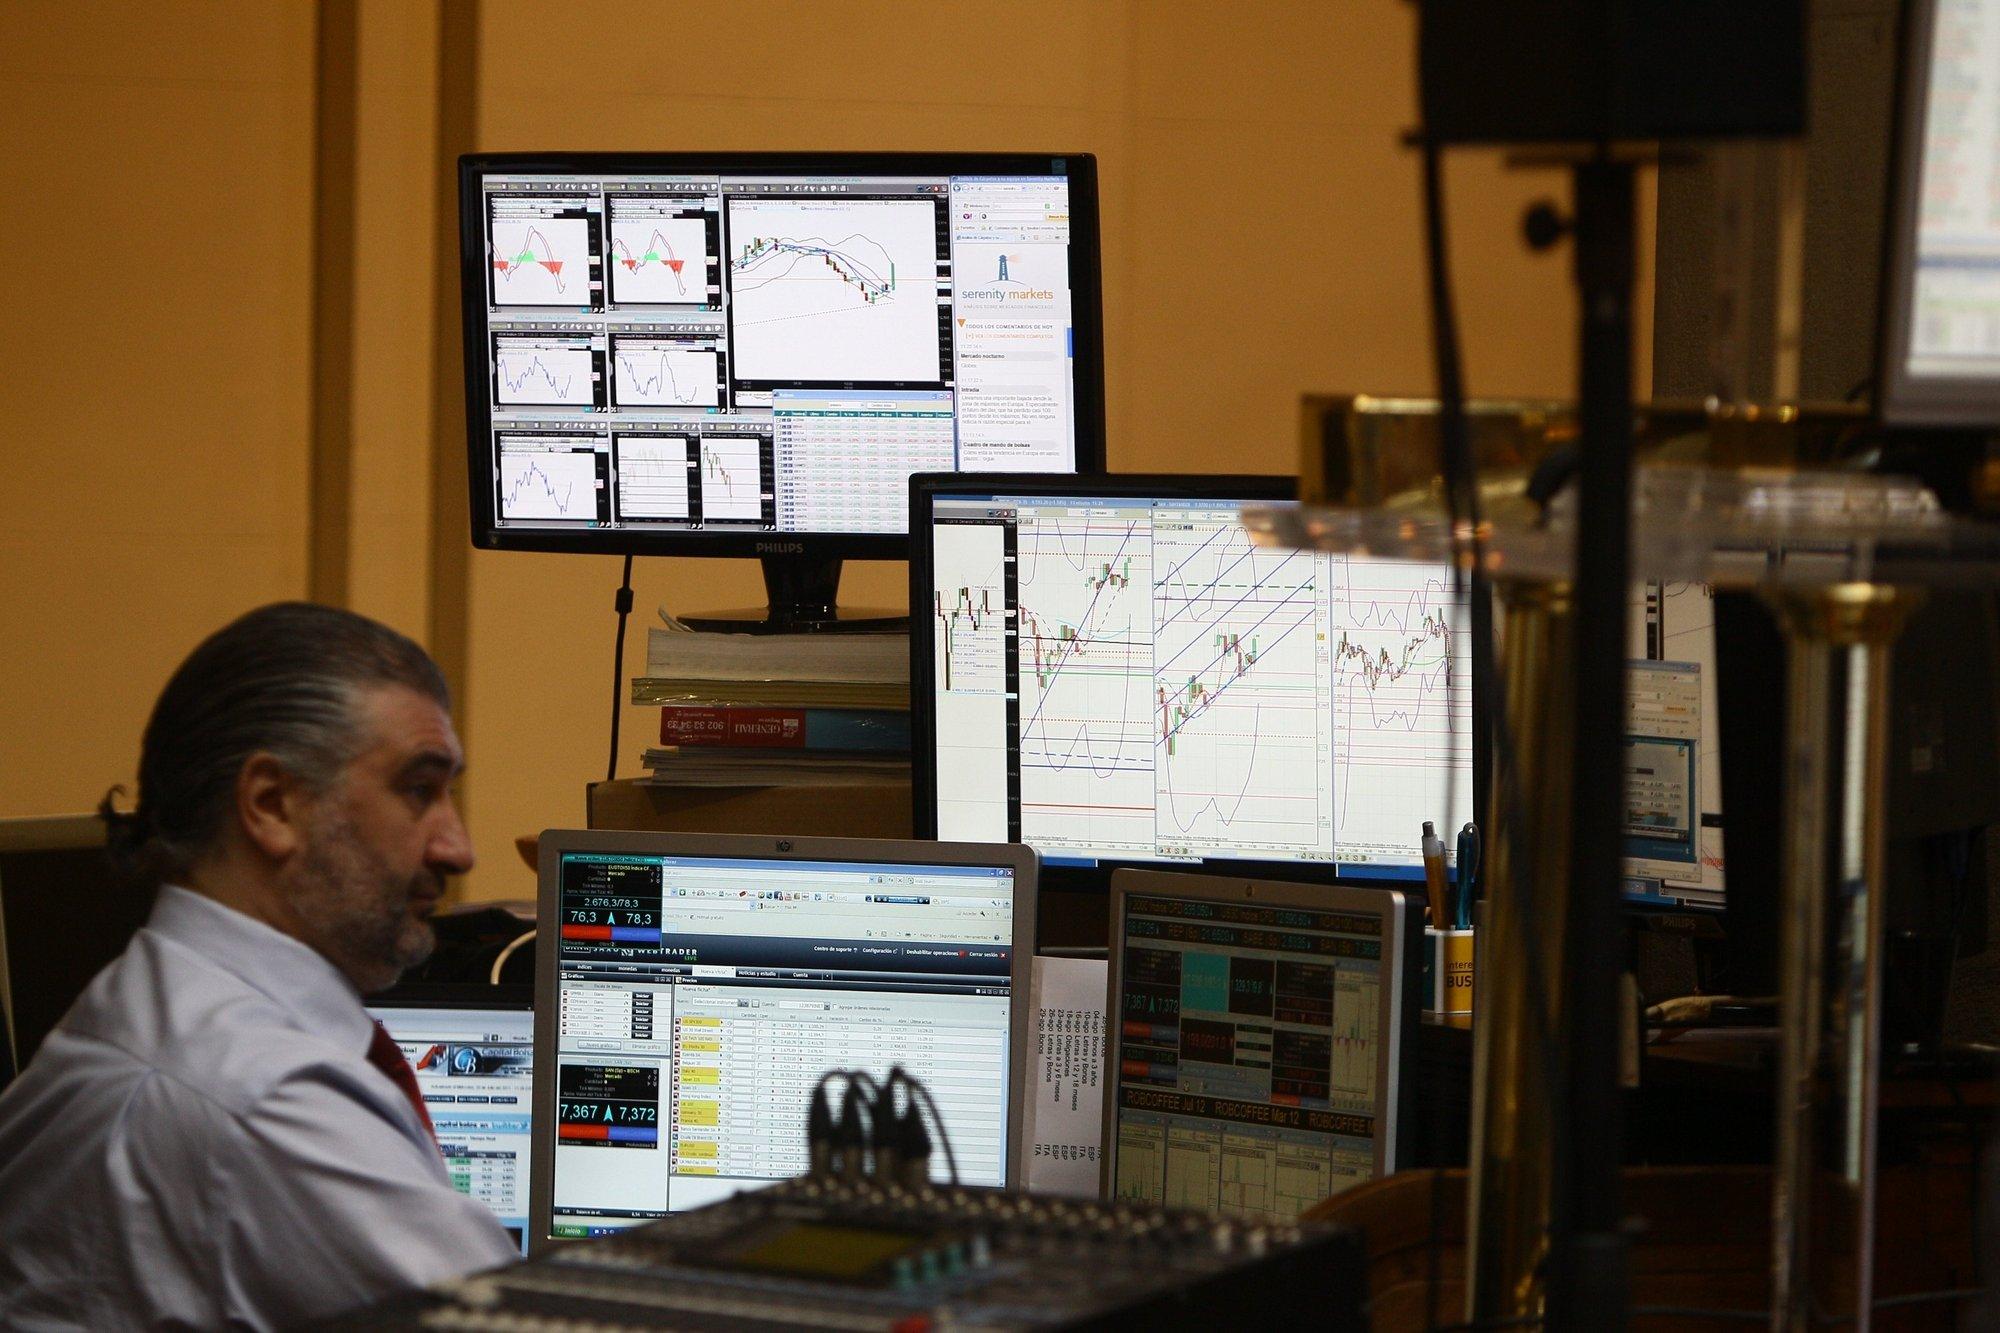 El Ibex abre con ligeras subidas pero la prima de riesgo no se relaja de los 390 puntos básicos